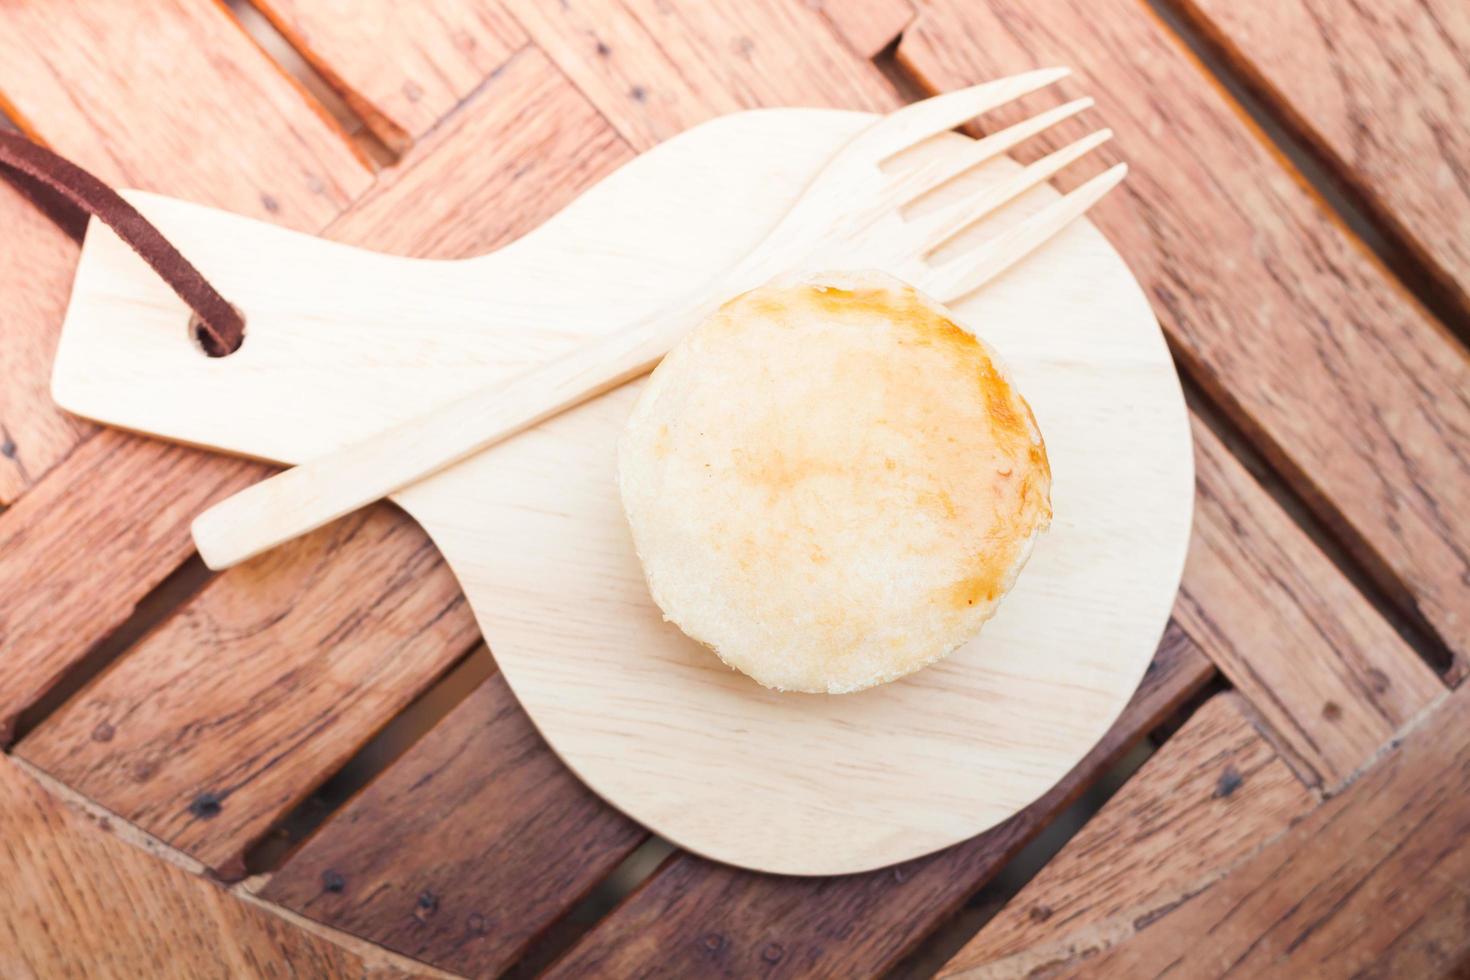 vista superior de una mini tarta de queso foto